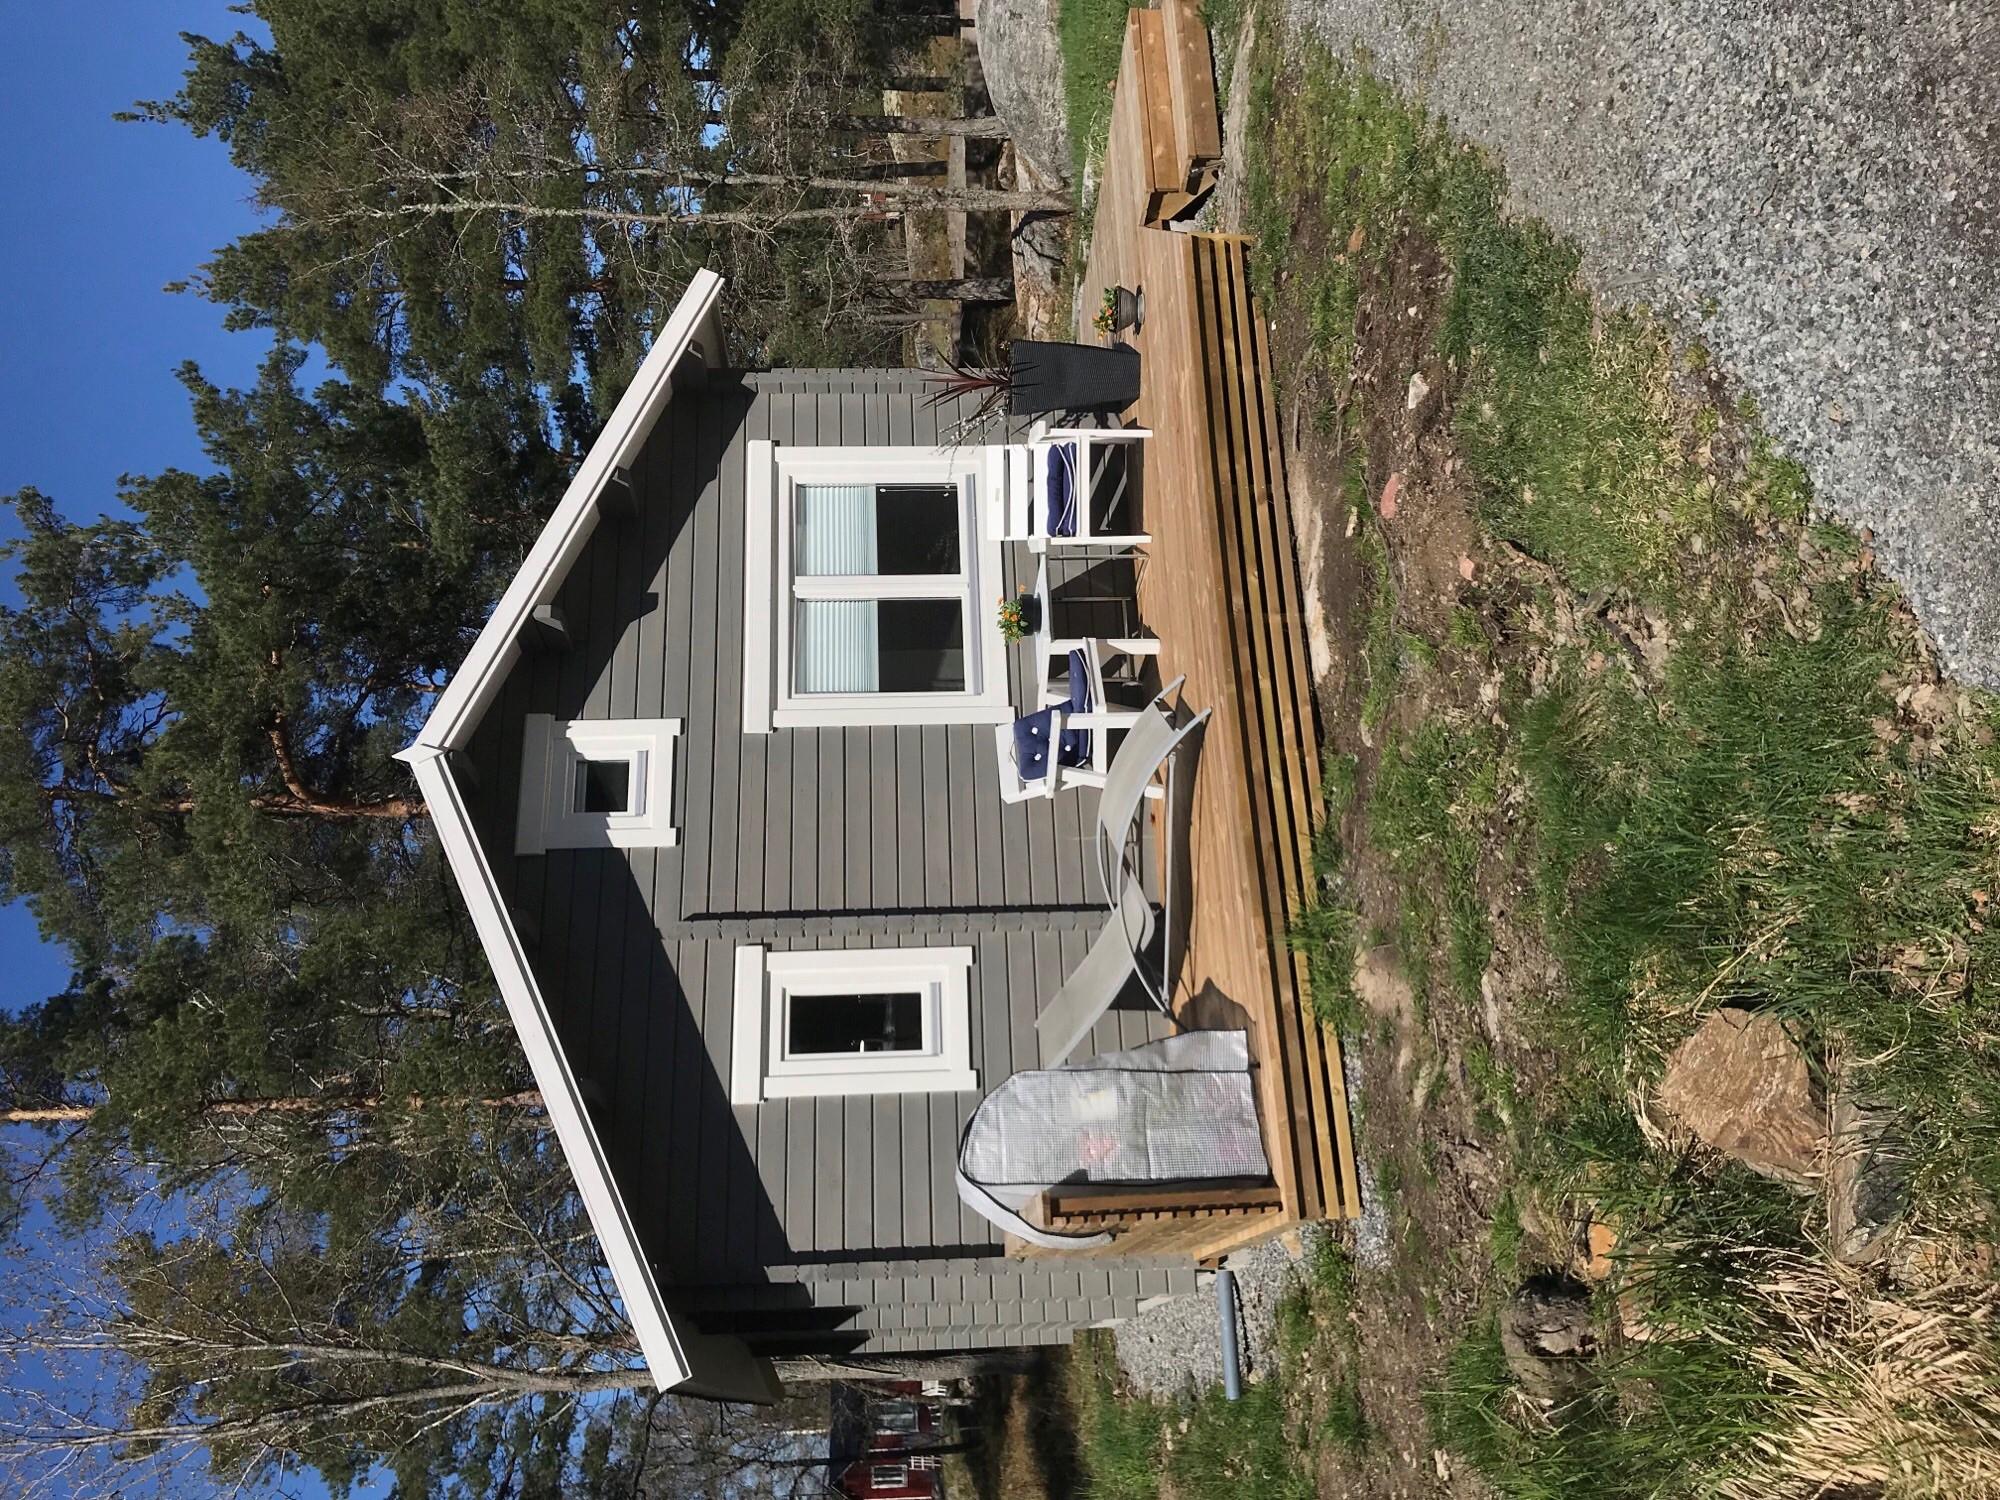 Casa de madera oklahoma 26m2 6x5m 70mm casetas de for Casas de madera shop